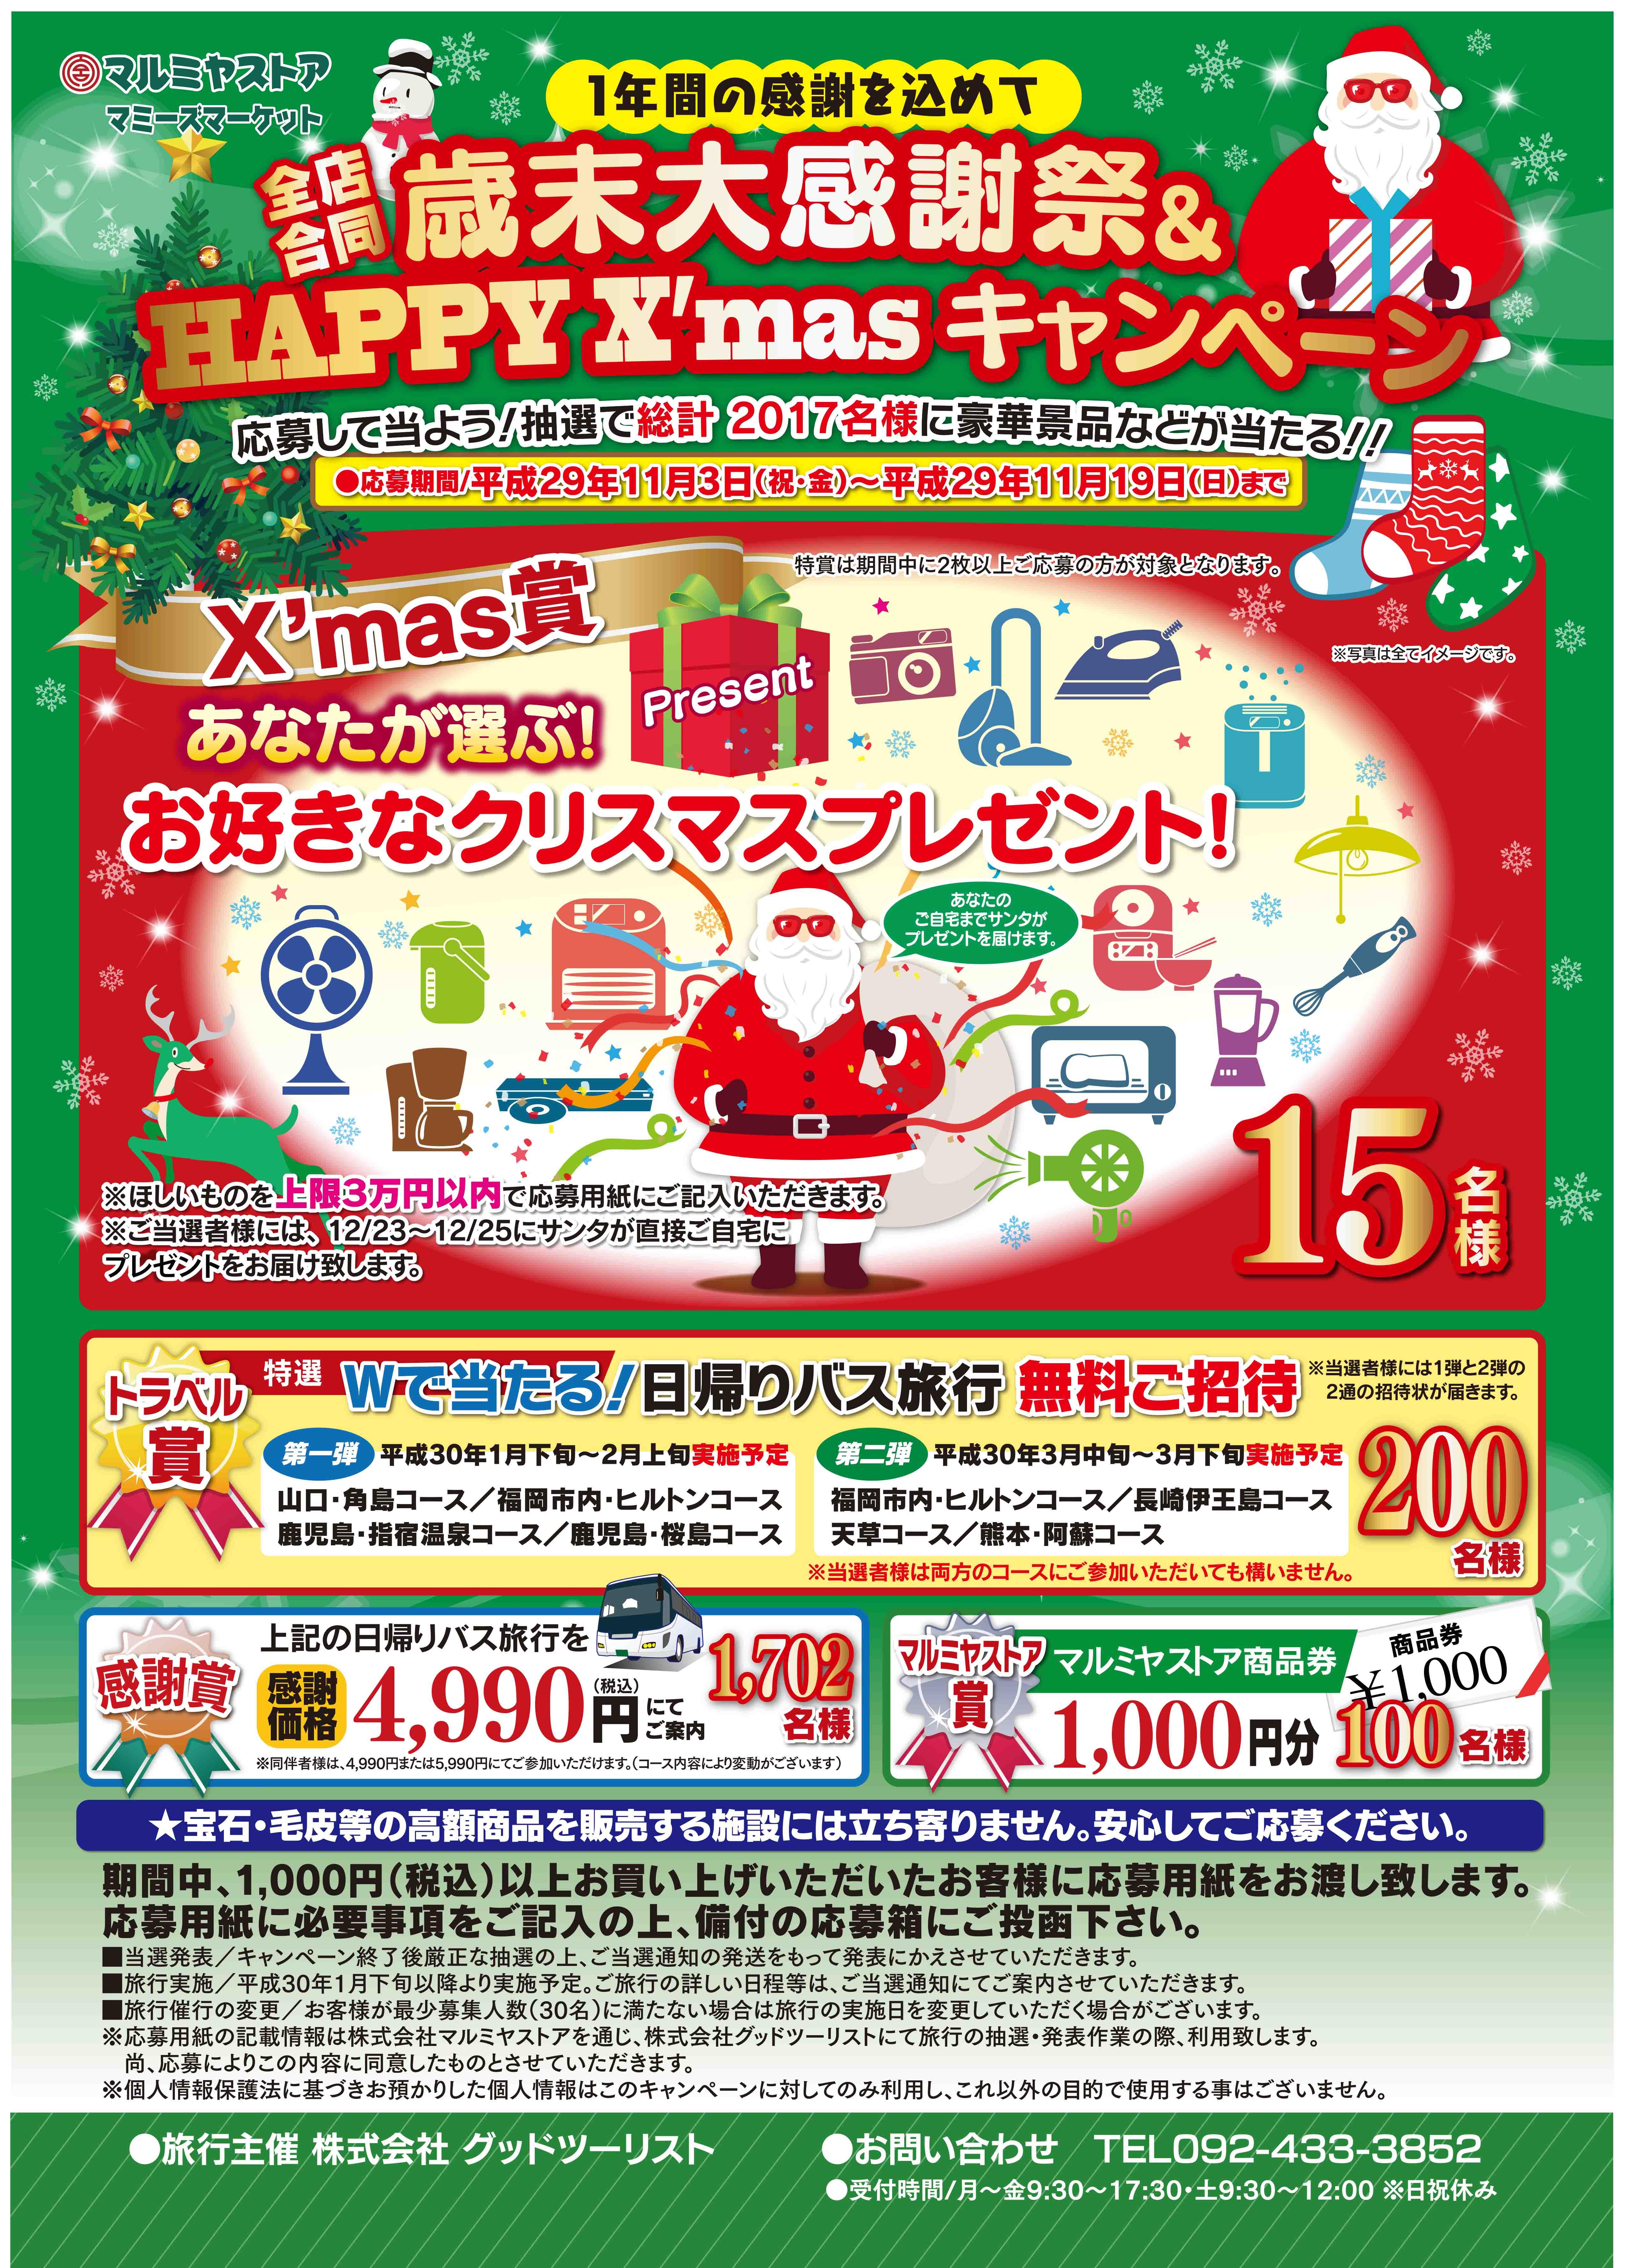 【株式会社マルミヤストア様】歳末大感謝祭&HAPPY Xmasキャンペーン 実施中